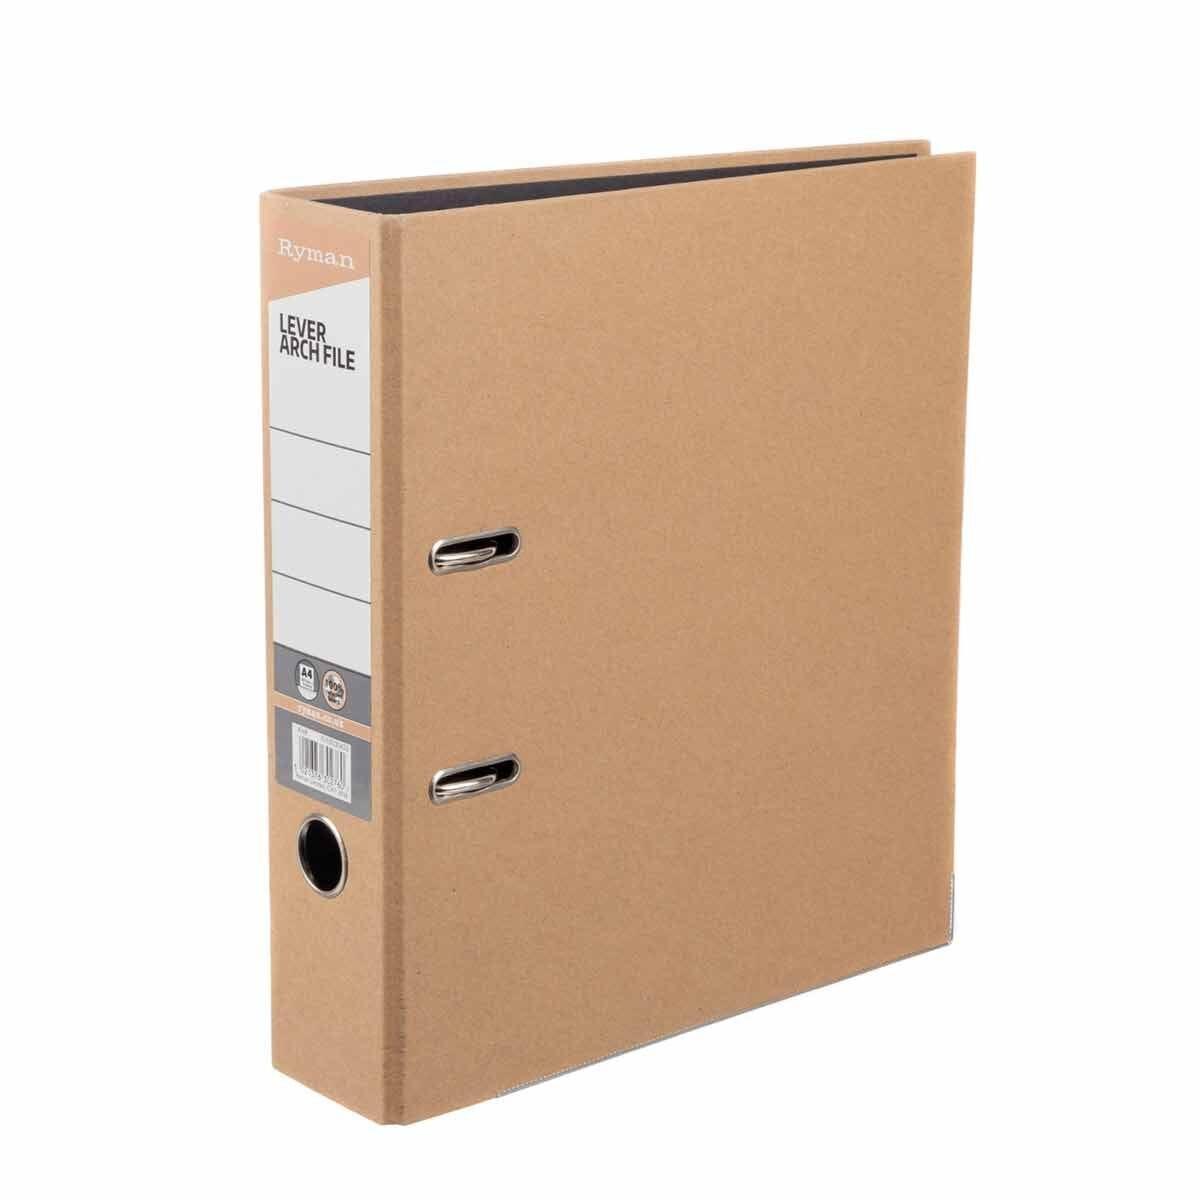 Ryman Lever Arch File A4 Kraft